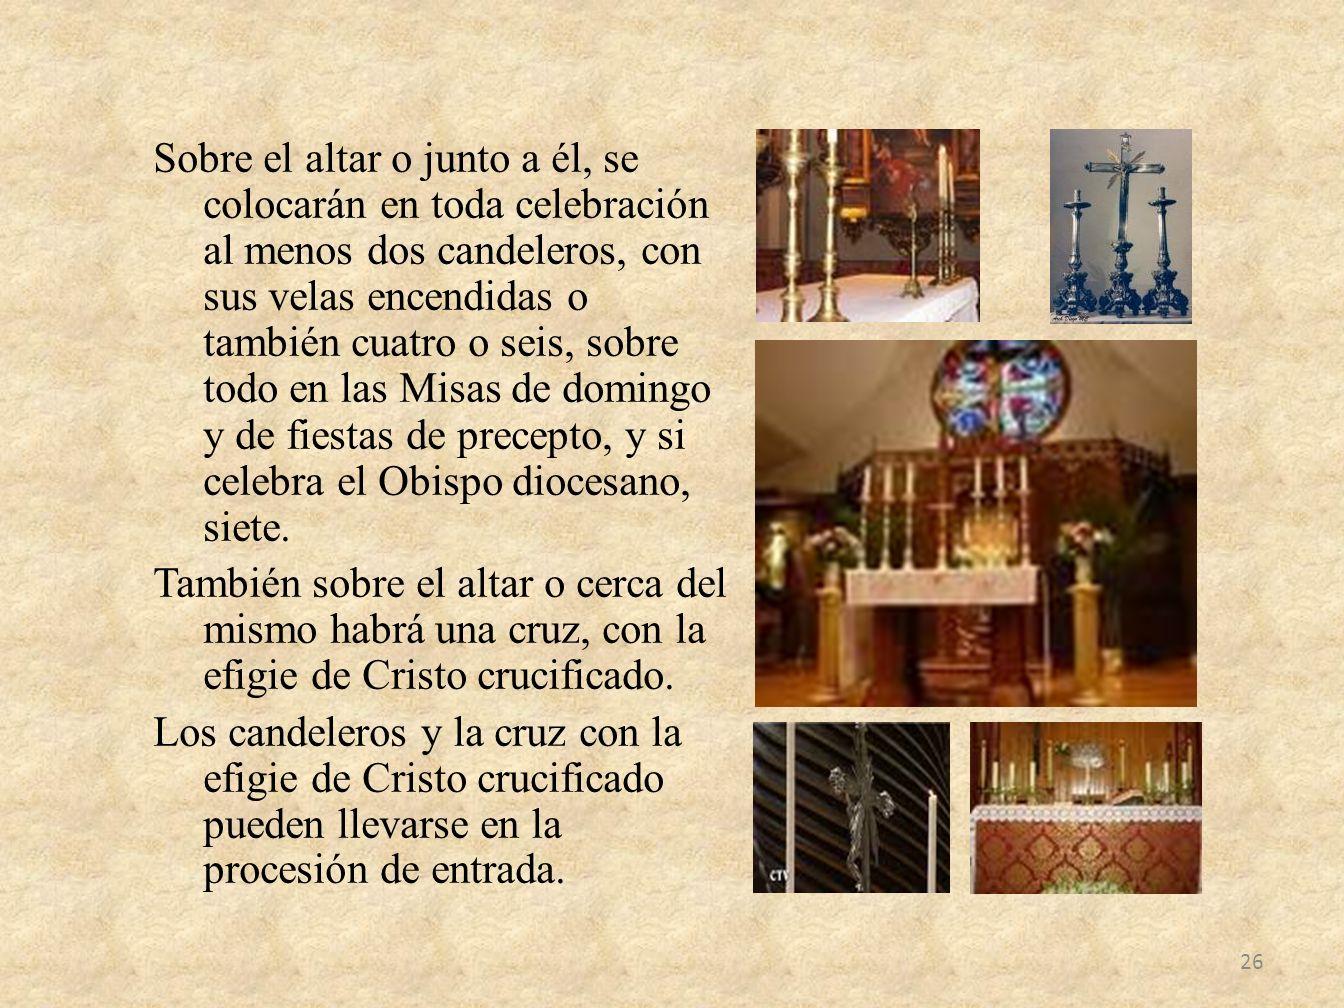 Sobre el altar o junto a él, se colocarán en toda celebración al menos dos candeleros, con sus velas encendidas o también cuatro o seis, sobre todo en